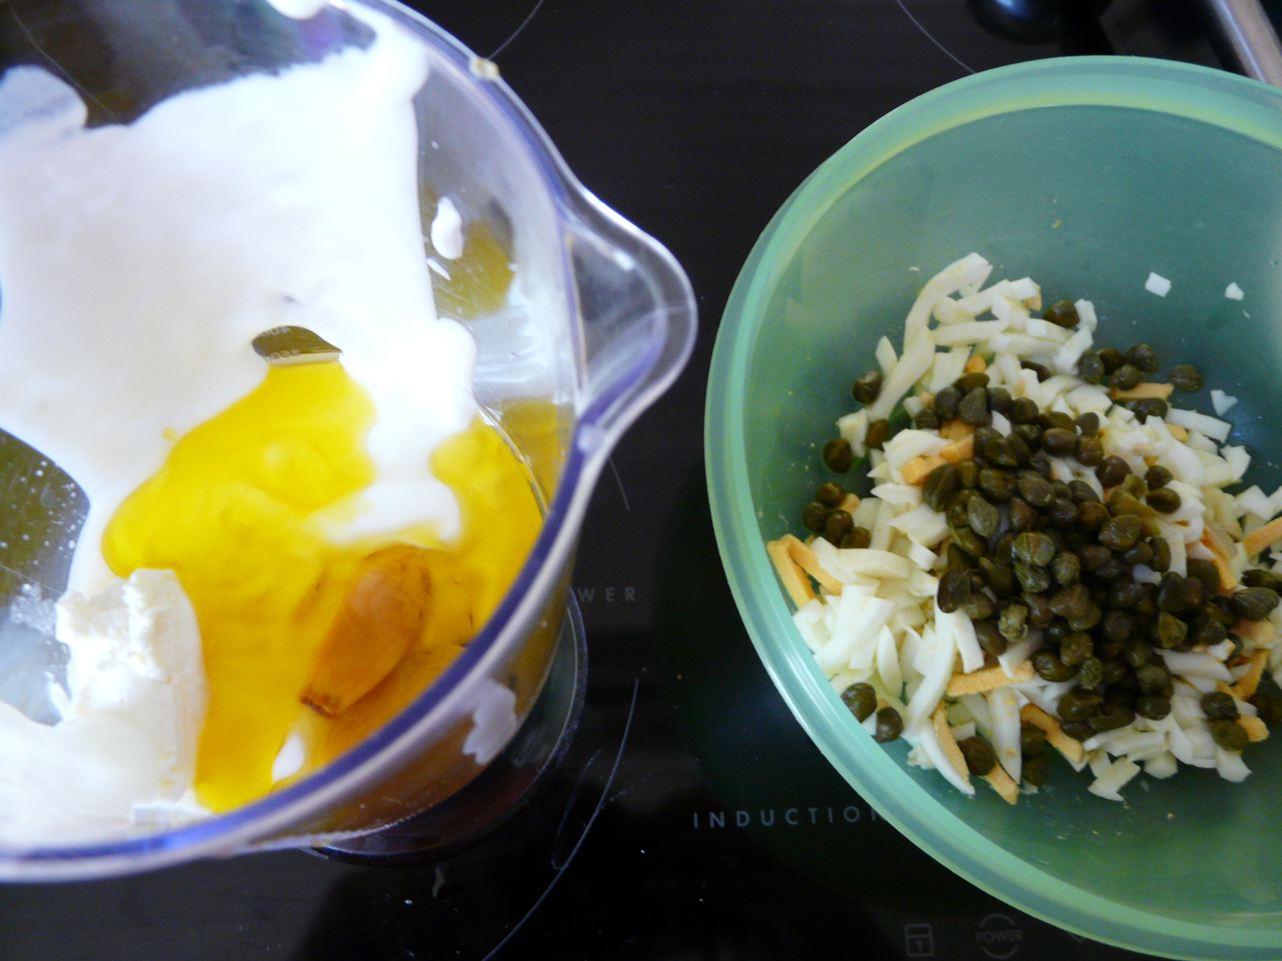 Zutaten: Gekochte Eier, Joghurt, Kapern, ger.Knoblauch und Knoblauchöl, Senf, Pfeffer und Salz